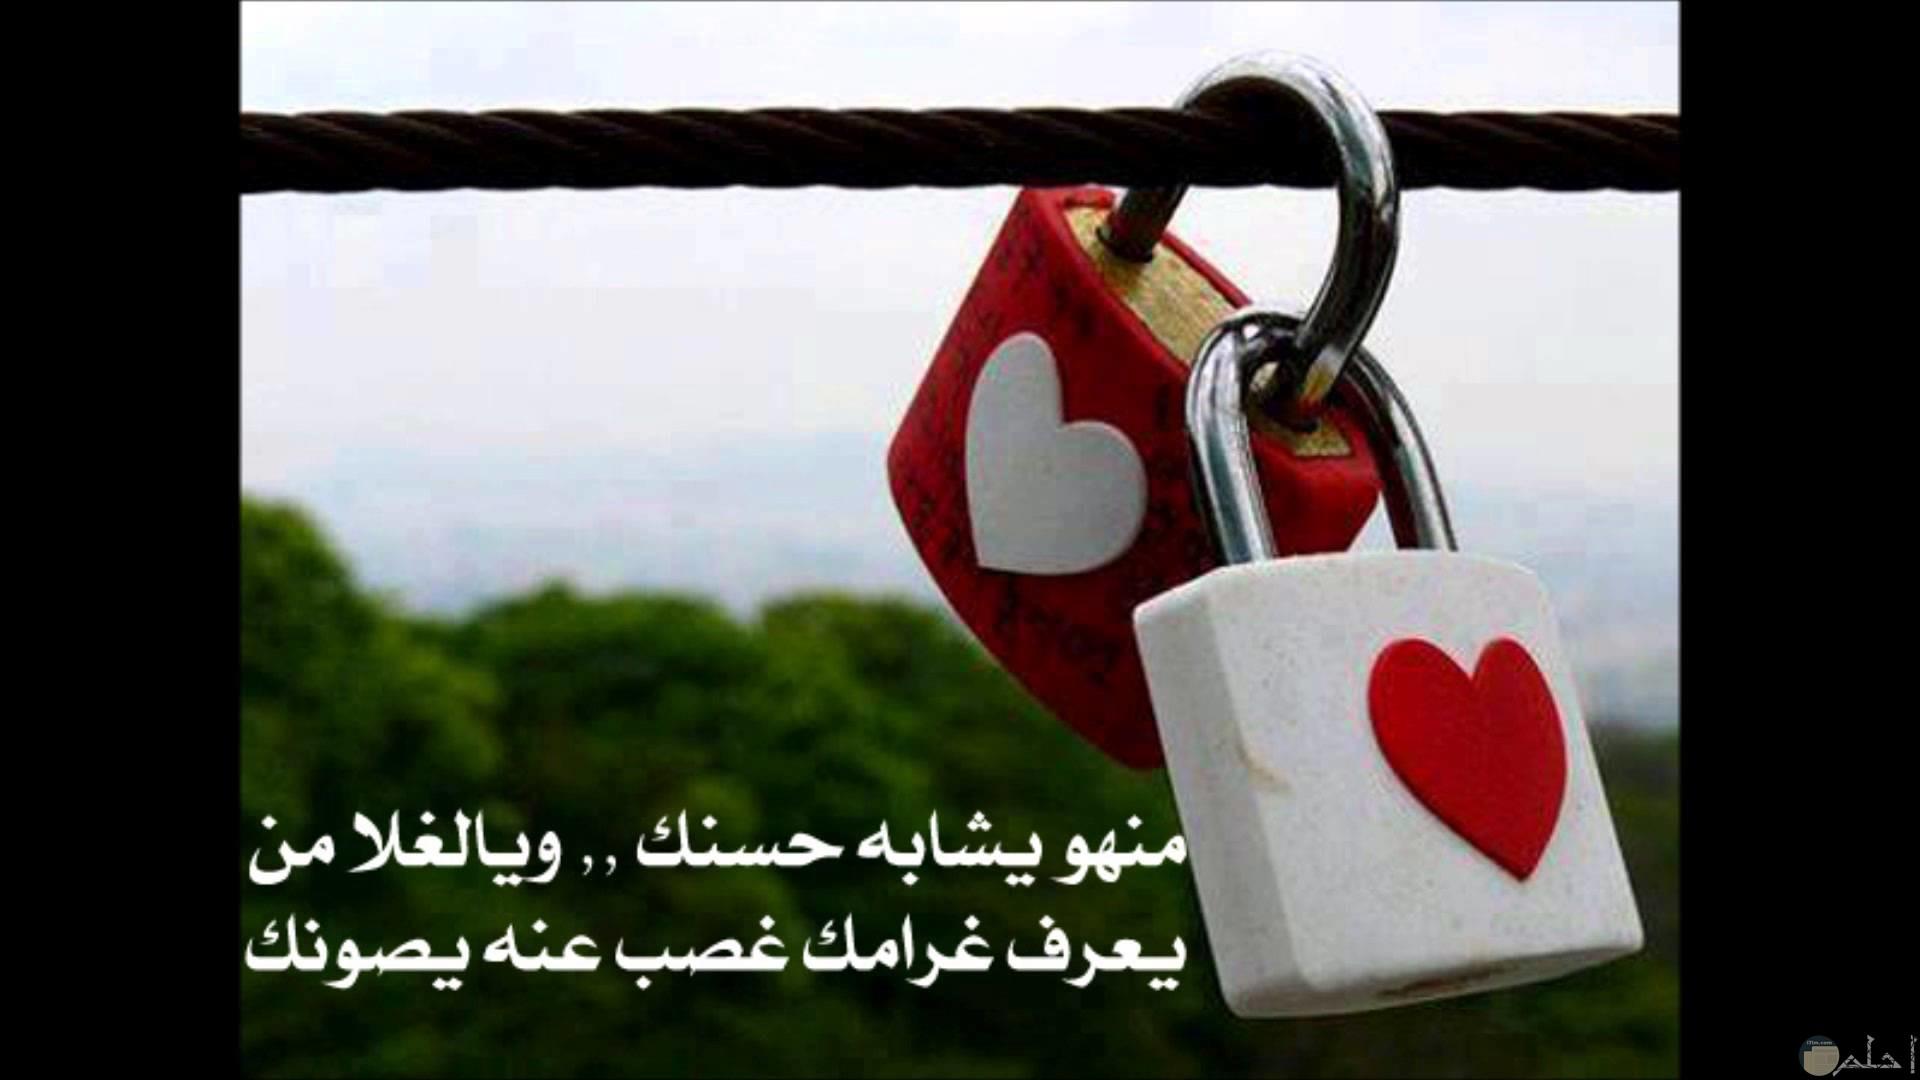 قفل الحب - صورة لأقفال الحب التى توضع في سور الكوبري و ترمز للحب الذي لا يزول مادام القفل مقفول.